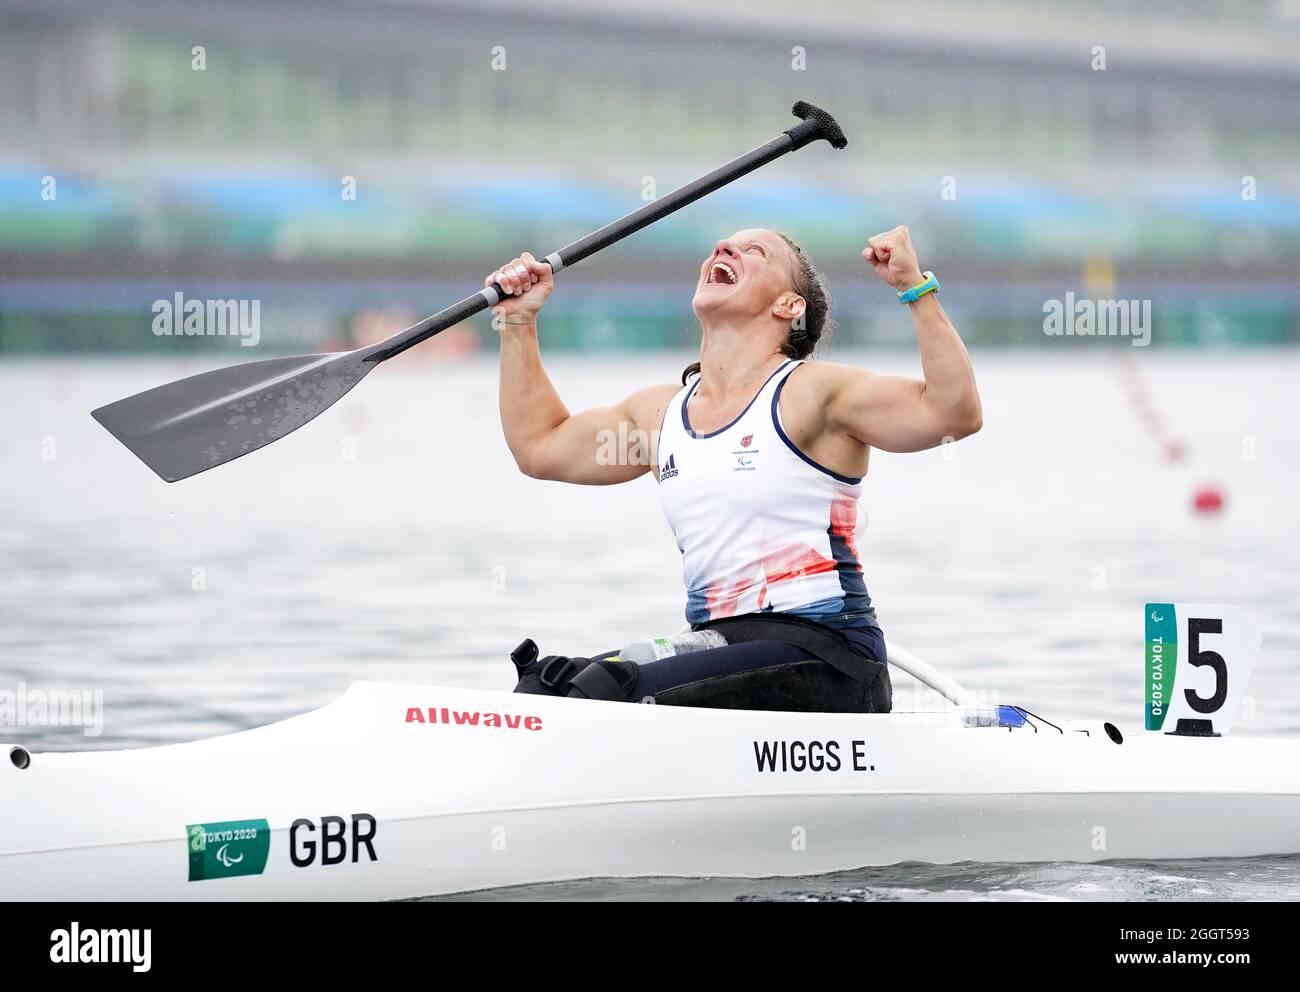 Die britische Emma Wiggs feiert den Gewinn der Goldmedaille beim Frauen-VA'A Single 200m - VL2-Finale A am Sea Forest Waterway am zehnten Tag der Paralympischen Spiele in Tokio 2020 in Japan. Bilddatum: Freitag, 3. September 2021. Stockfoto